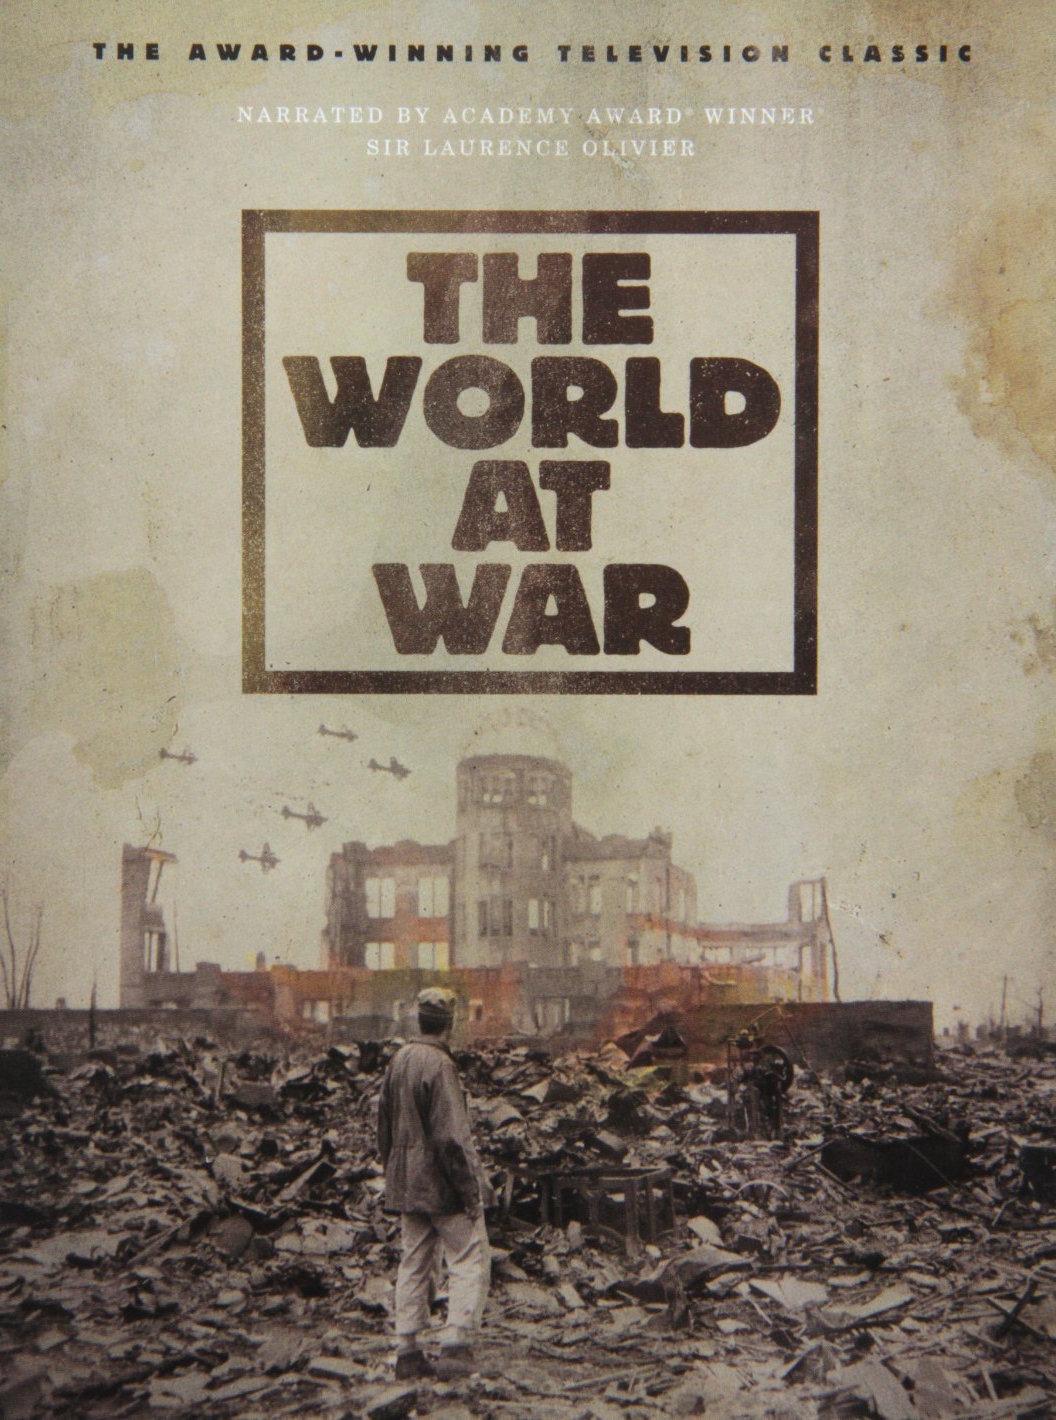 Serie Documental THE WORLD AT WAR, en streaming 1080p GRATUITO cortesía de Green TV.